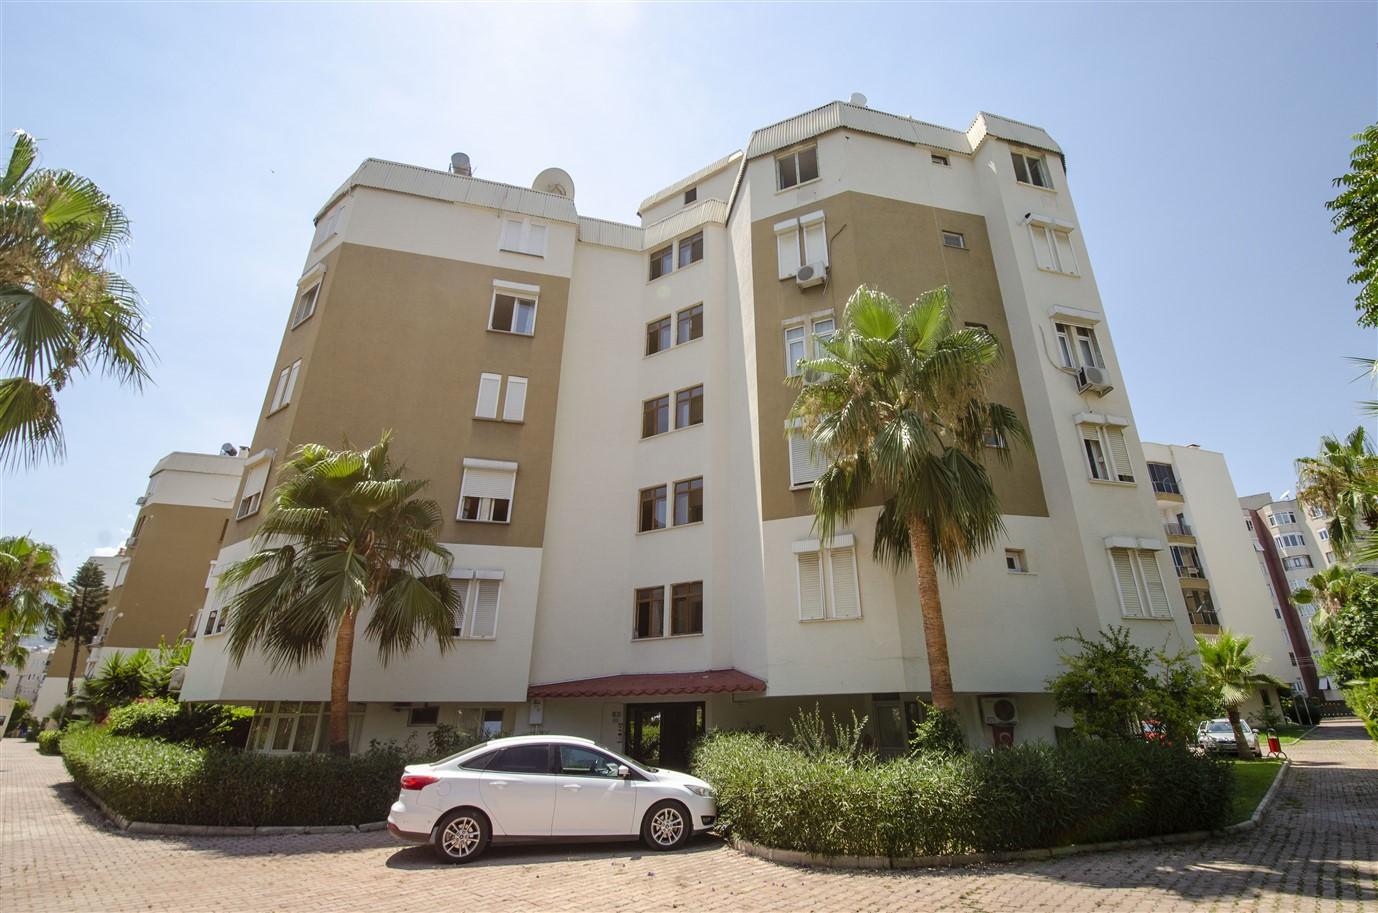 Трёхкомнатная квартира в микрорайоне Лиман Анталья - Фото 6